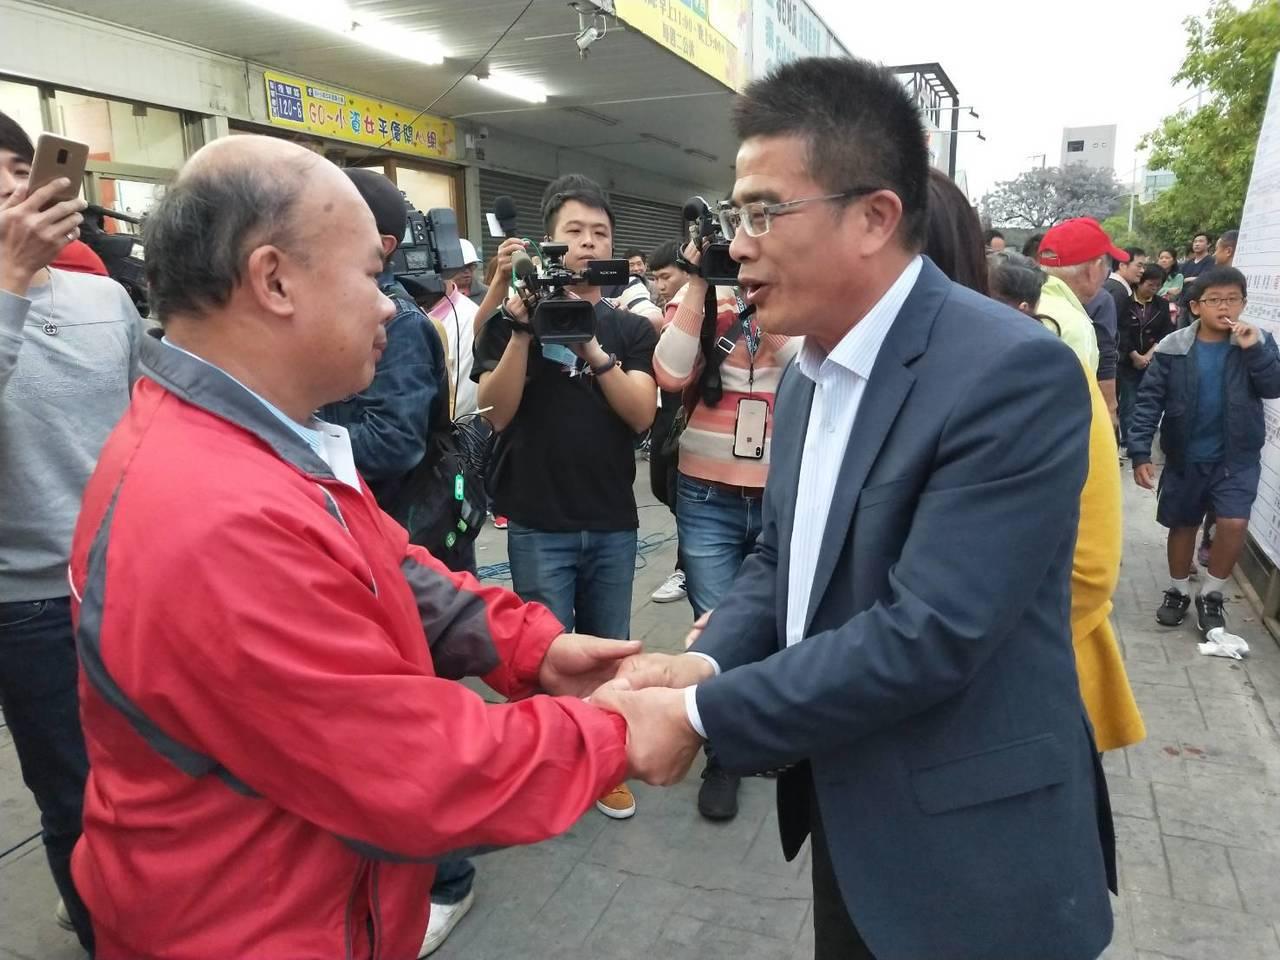 民進黨候選人黃振彥(右)承認敗選後,向競選總部外的支持者一一握手感謝,並表達努力...